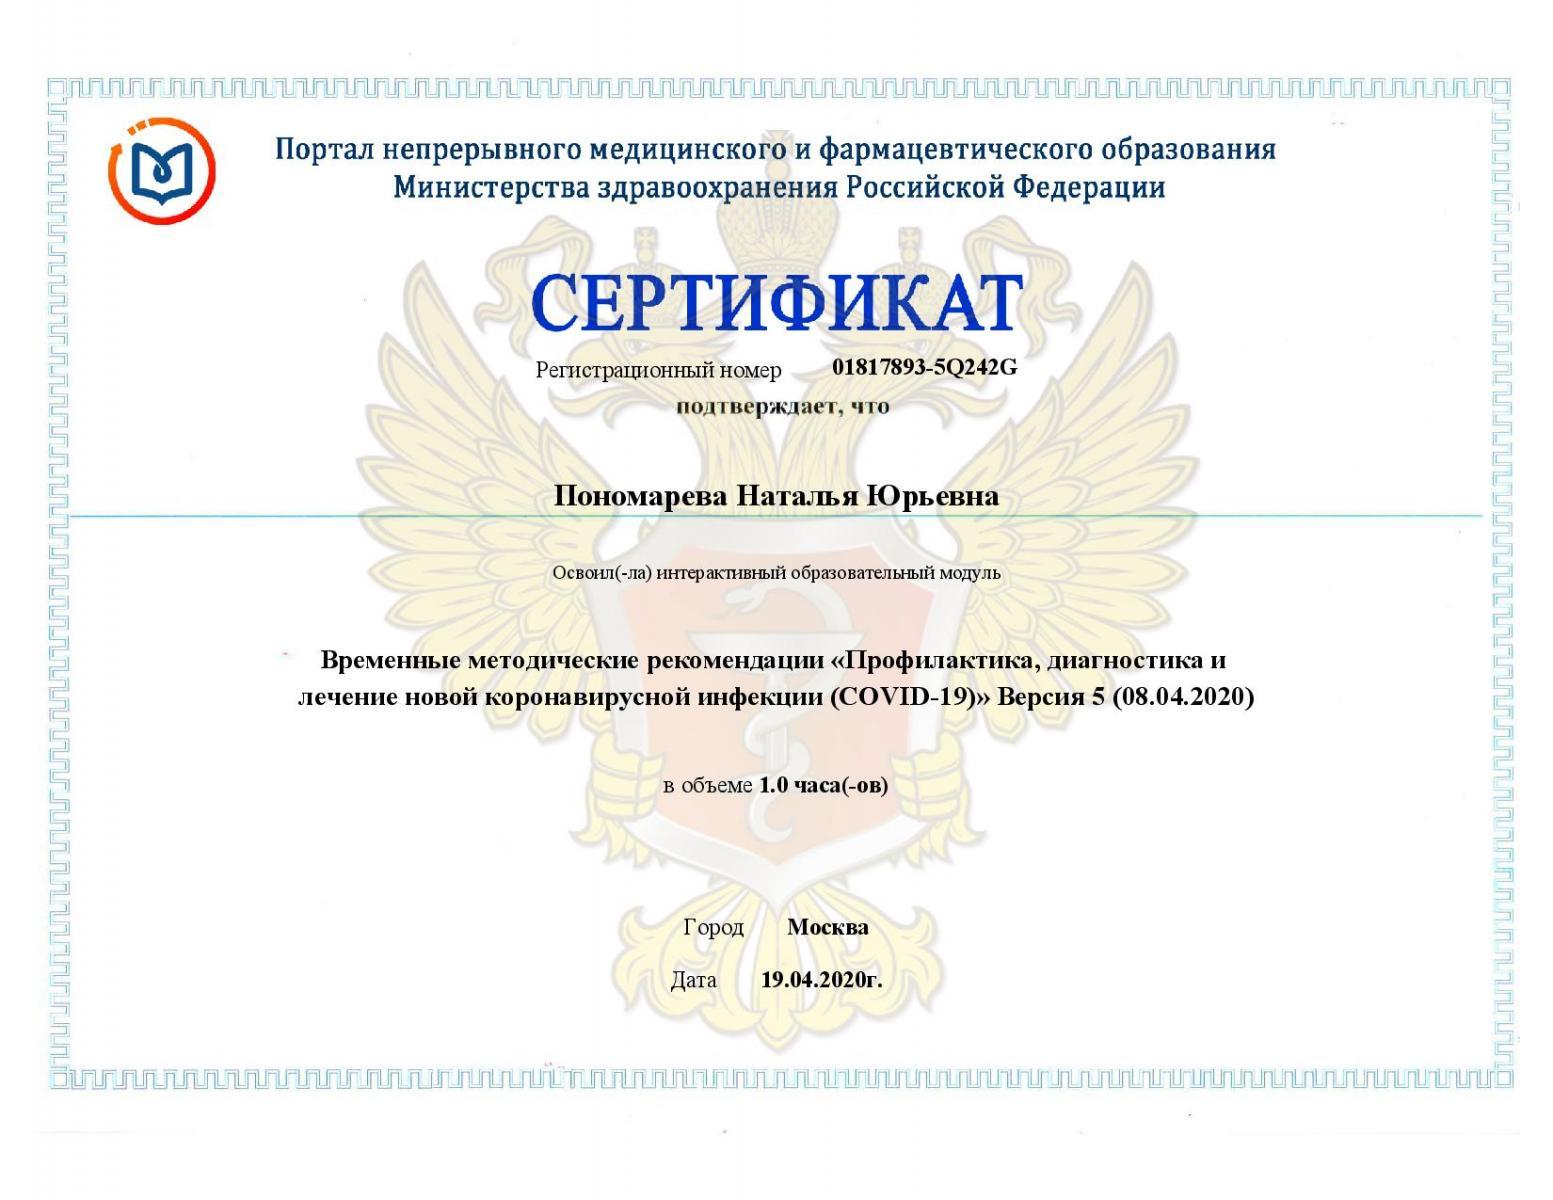 Сертификат-МУ-page-001